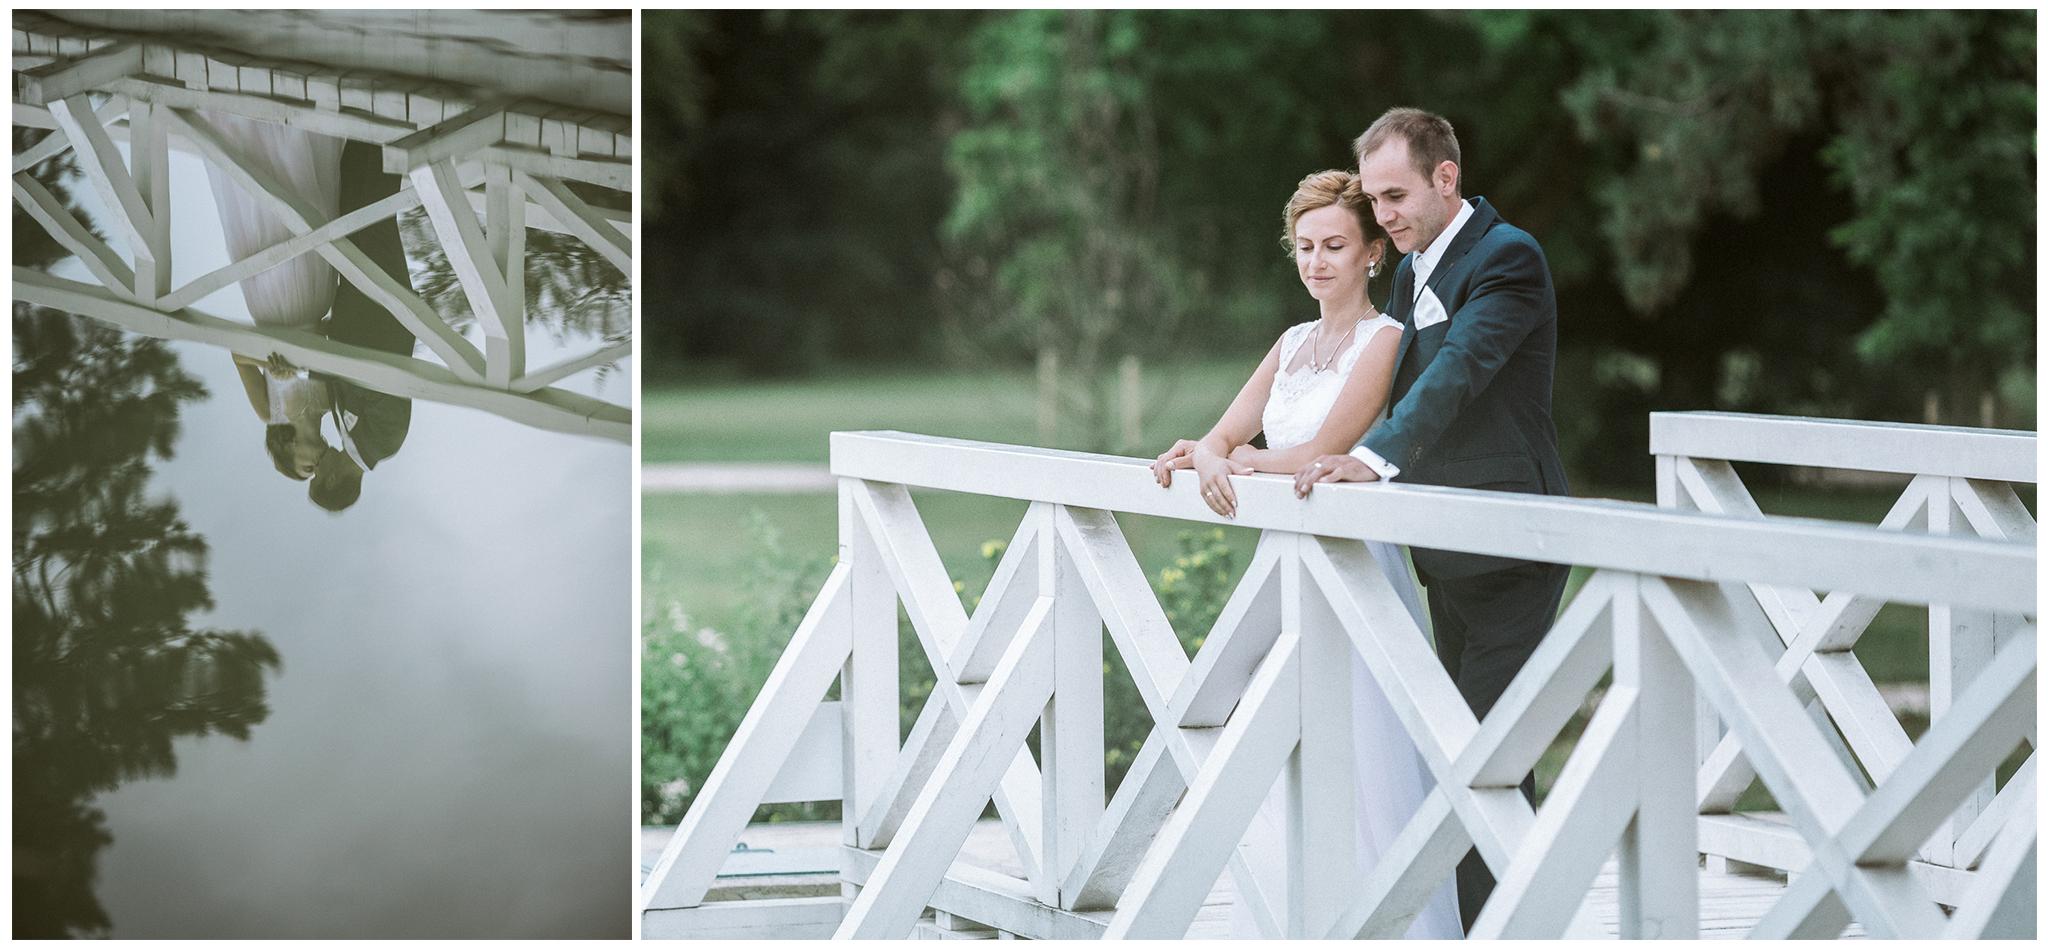 FylepPhoto, esküvőfotós, esküvői fotós Körmend, Szombathely, esküvőfotózás, magyarország, vas megye, prémium, jegyesfotózás, Fülöp Péter, körmend, kreatív, fotográfus_09.jpg